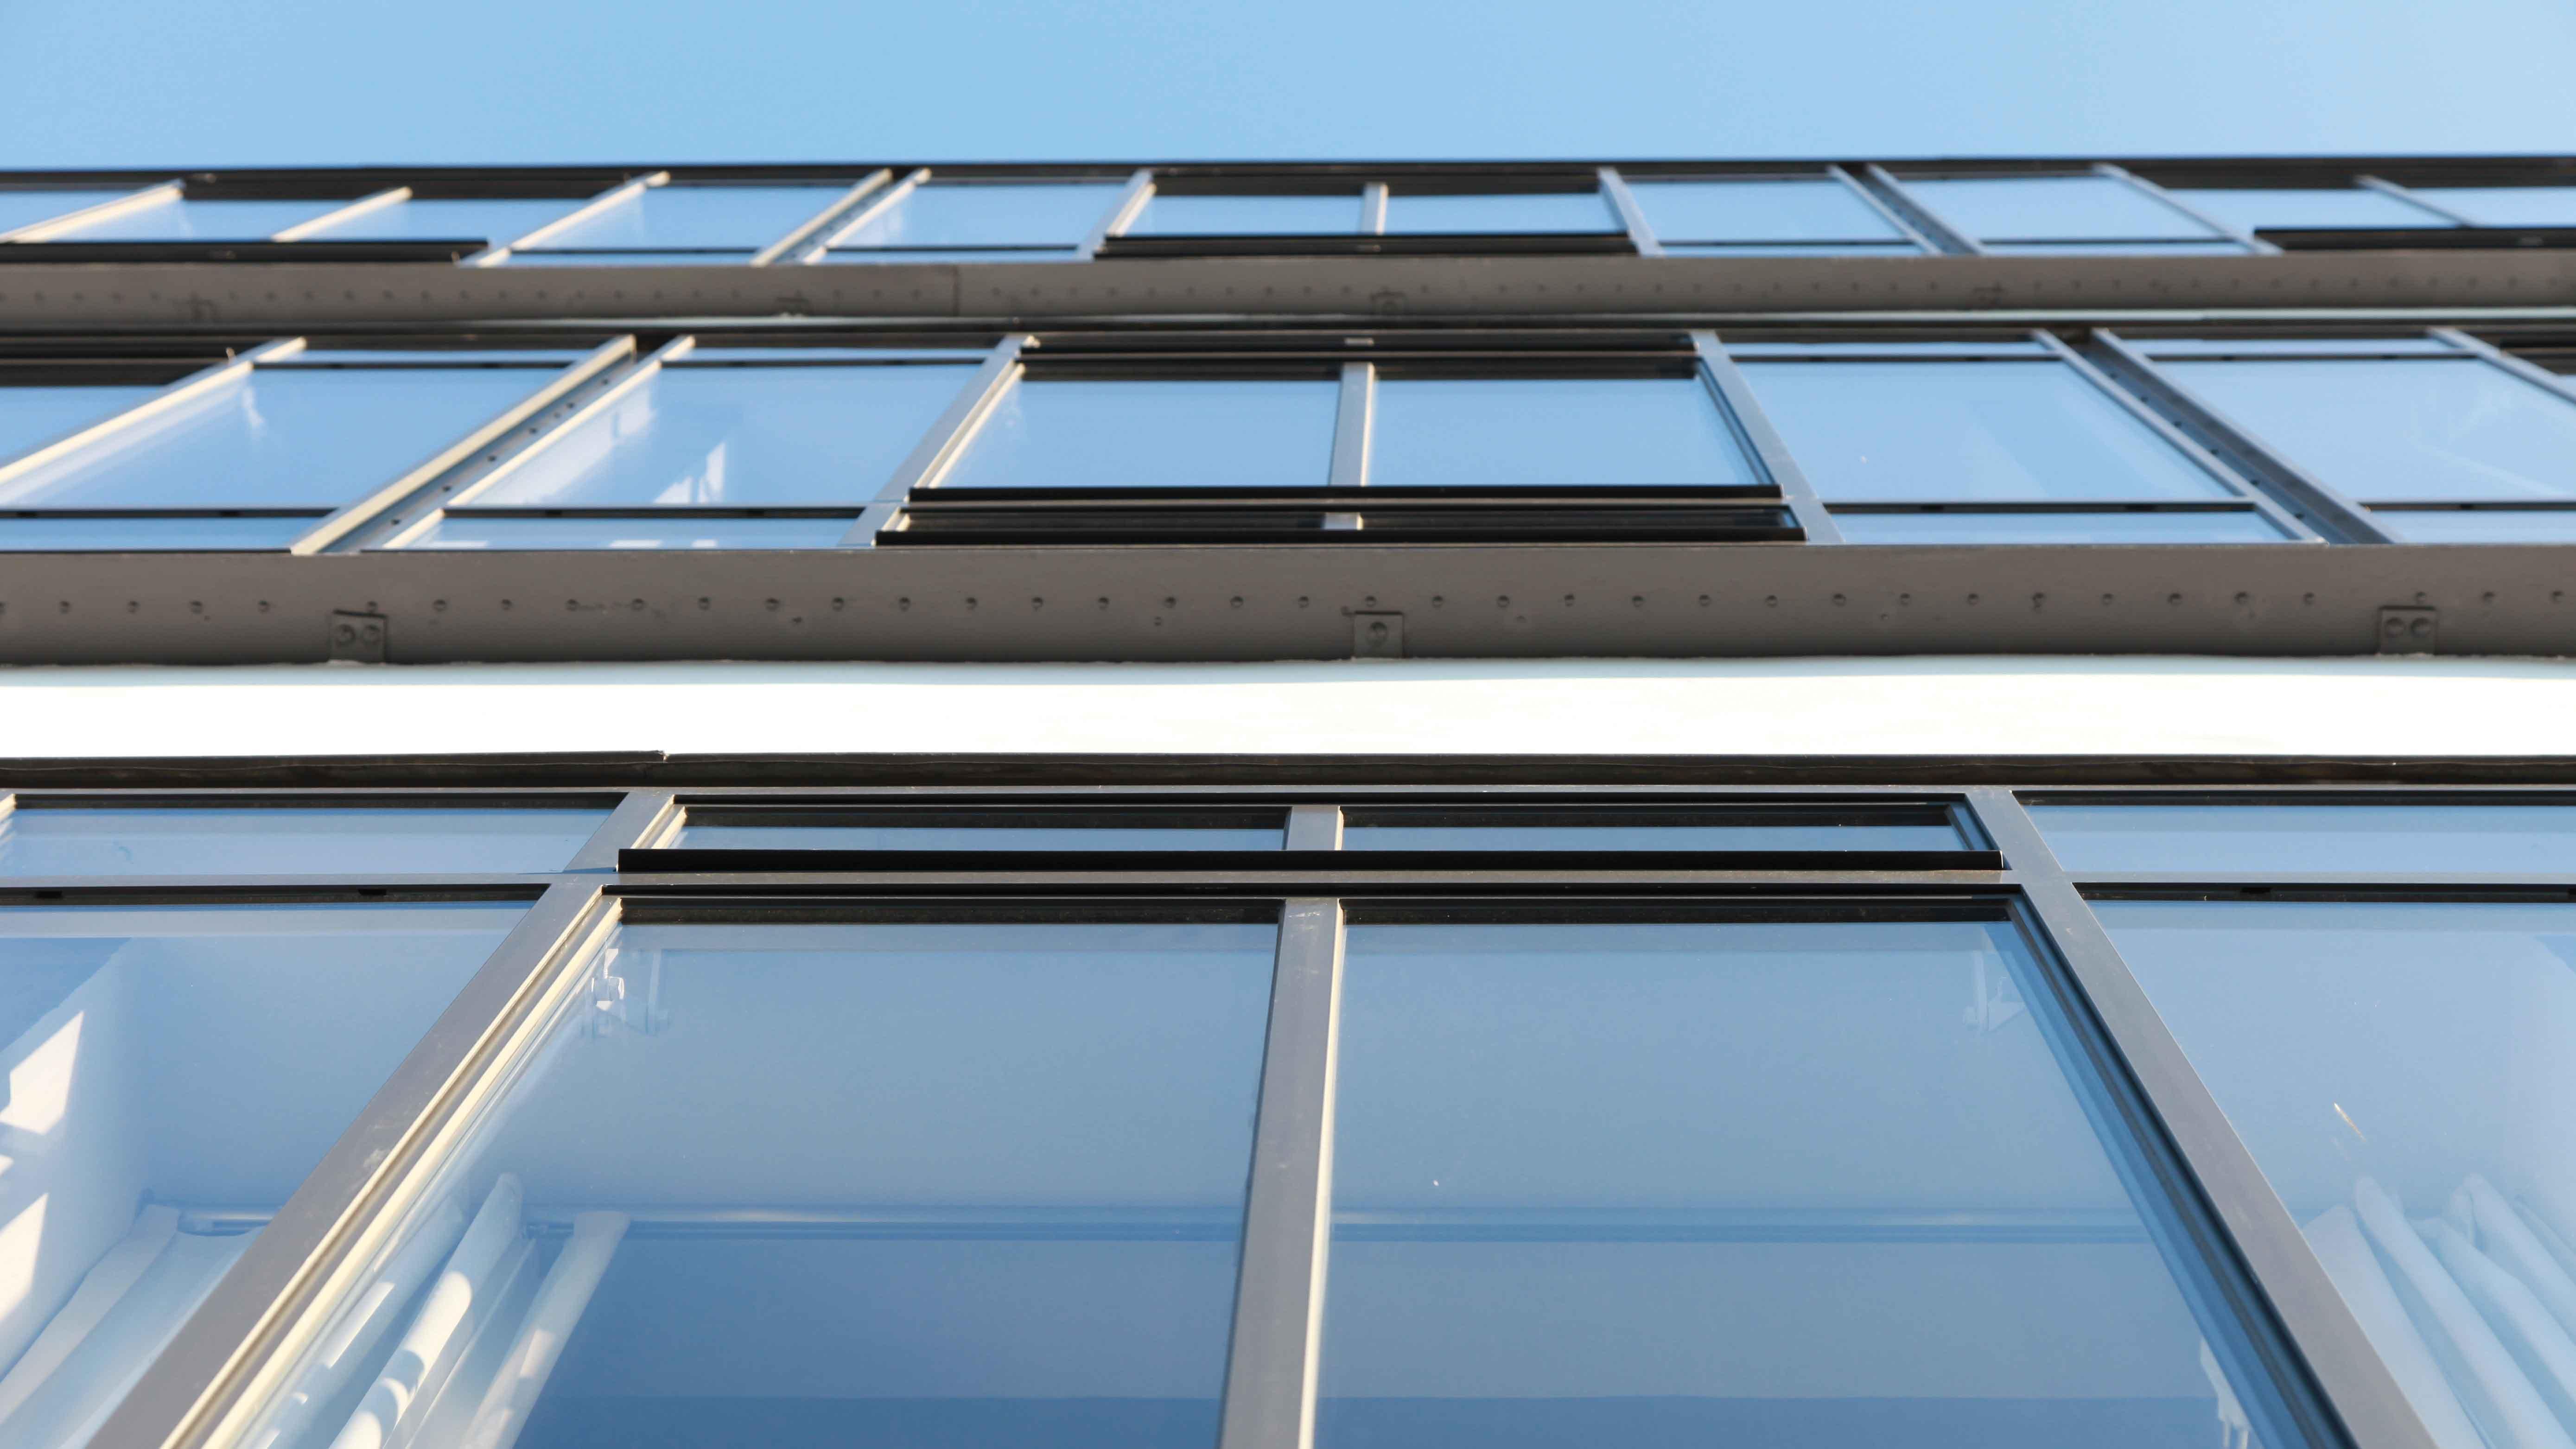 Bauhaus Dessau Atelier north facade with steel glazed windows